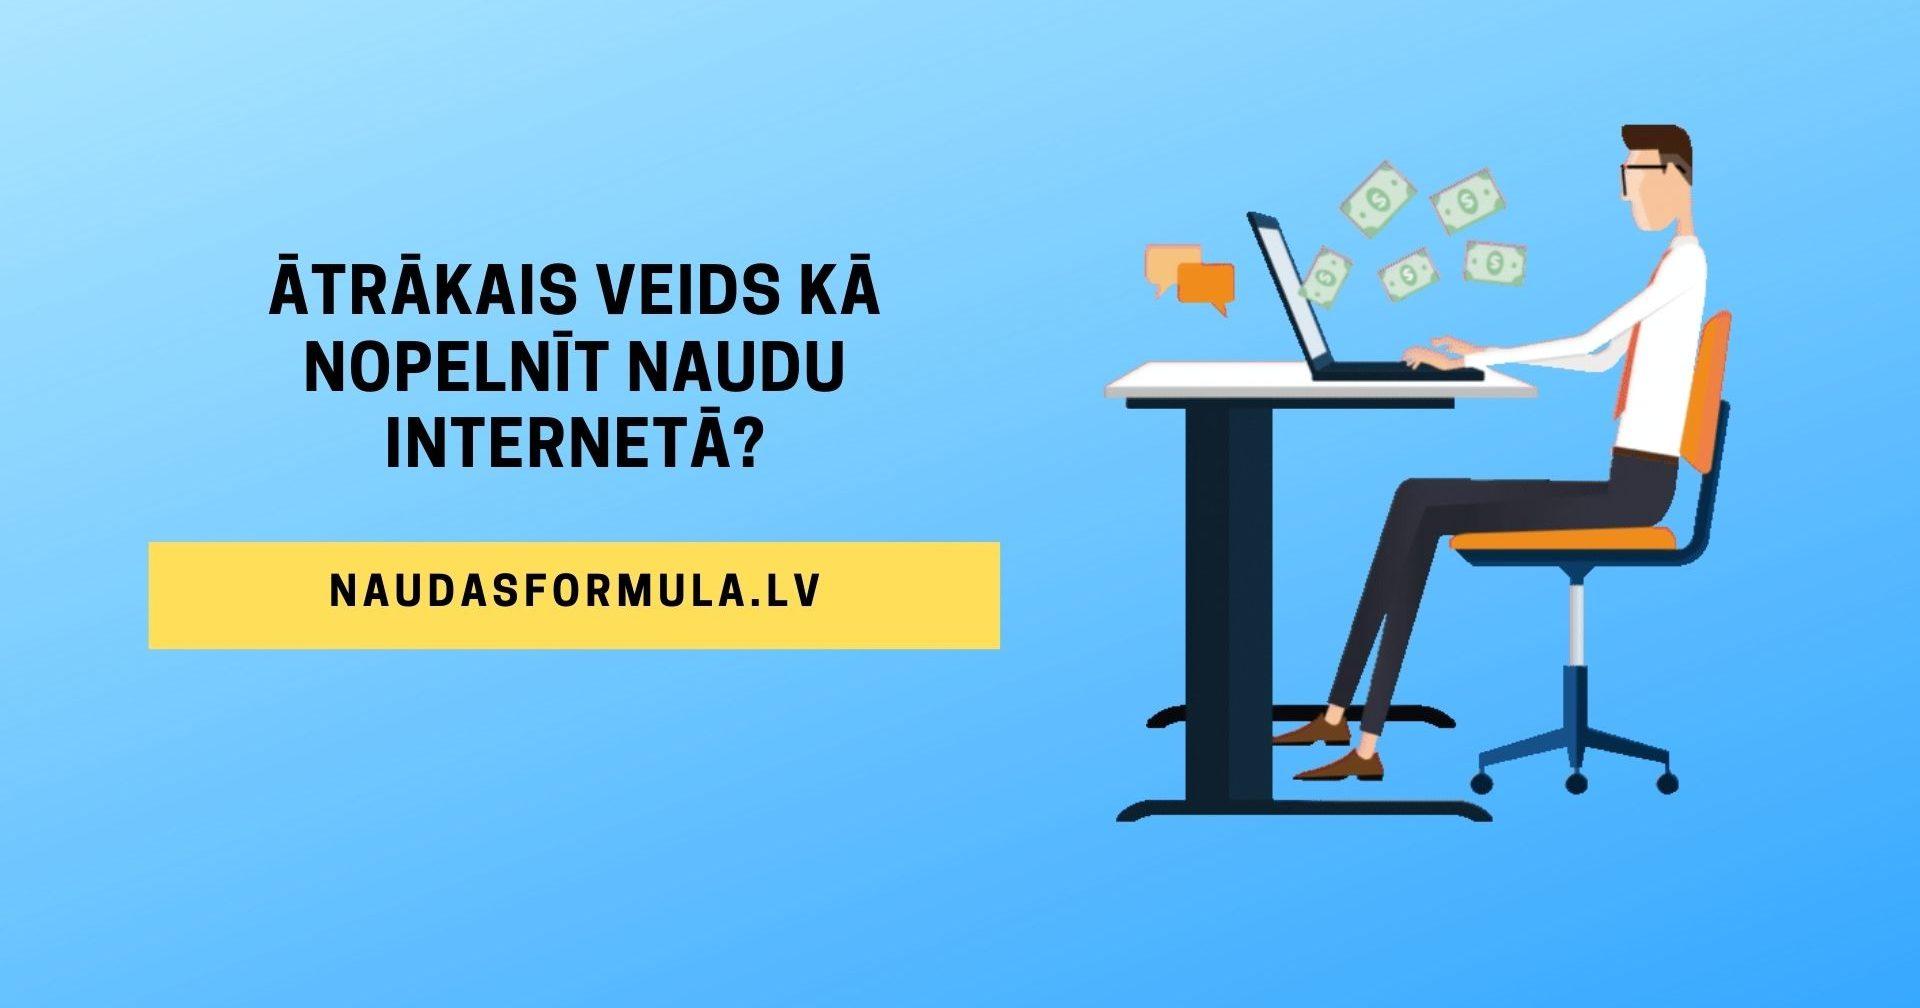 Jaunus veidus kā nopelnīt naudu internetā, darbs šeit vienmēr...